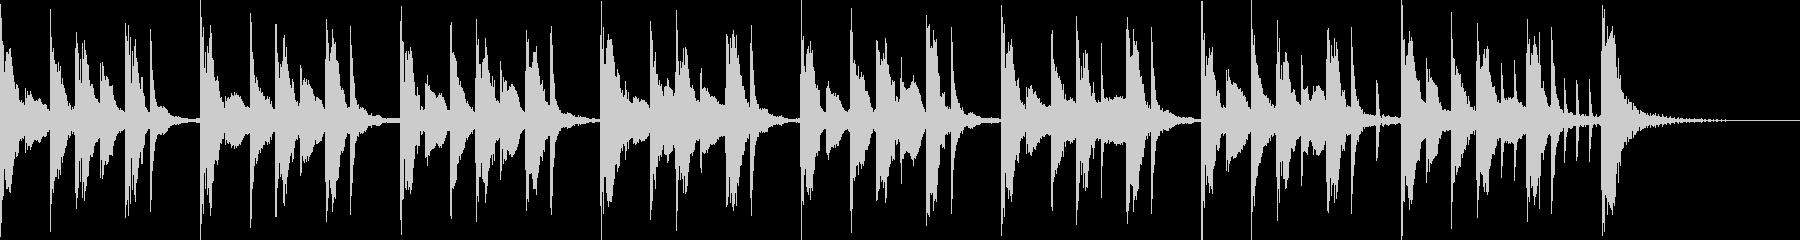 十五秒の考える時間のジングルの未再生の波形